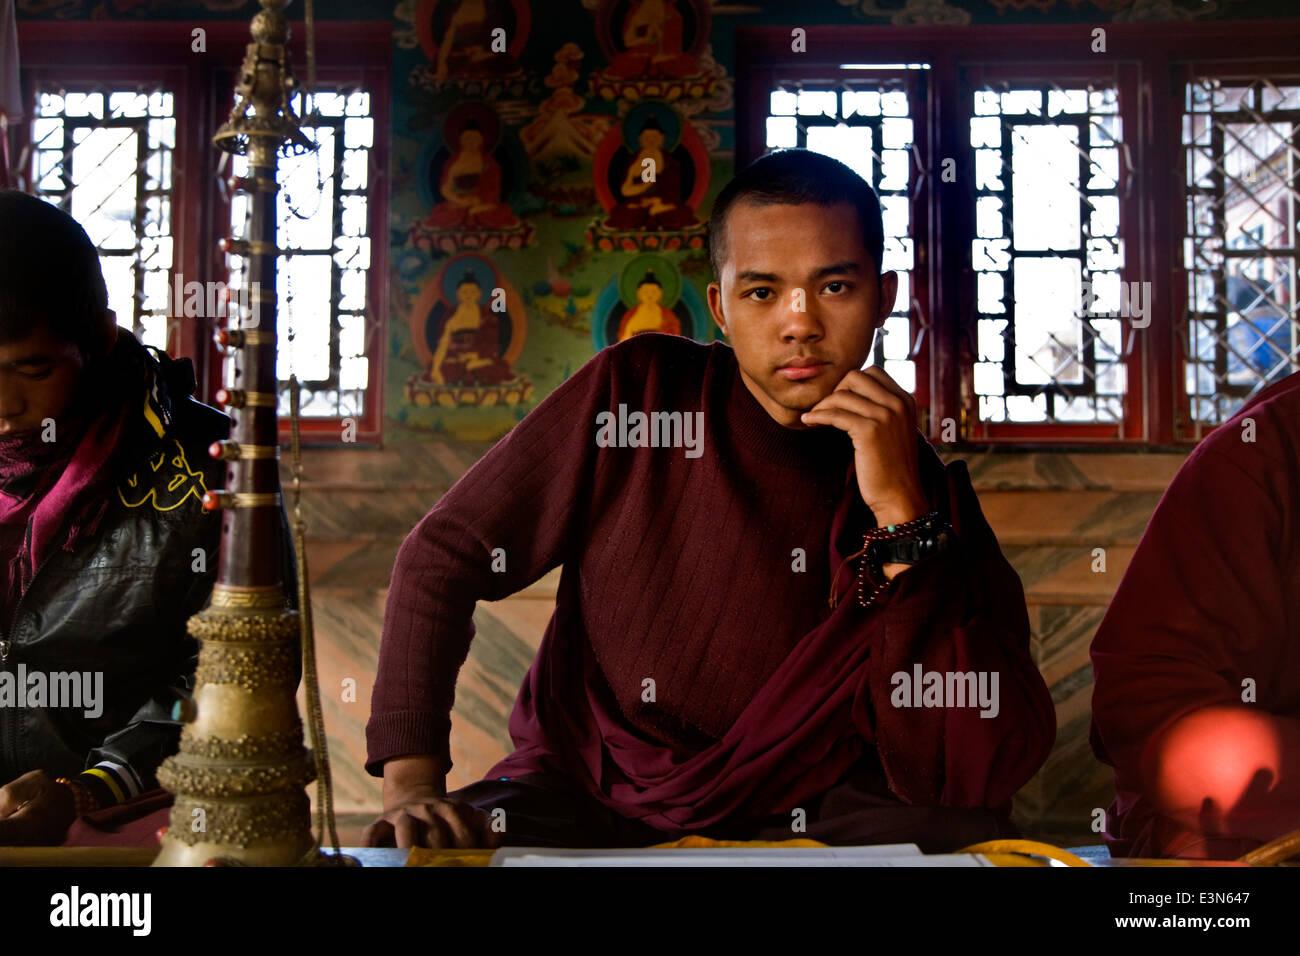 A Tibetan Buddhist MONK inside a monastery near BODHANATH STUPA - KATMANDU, NEPAL - Stock Image